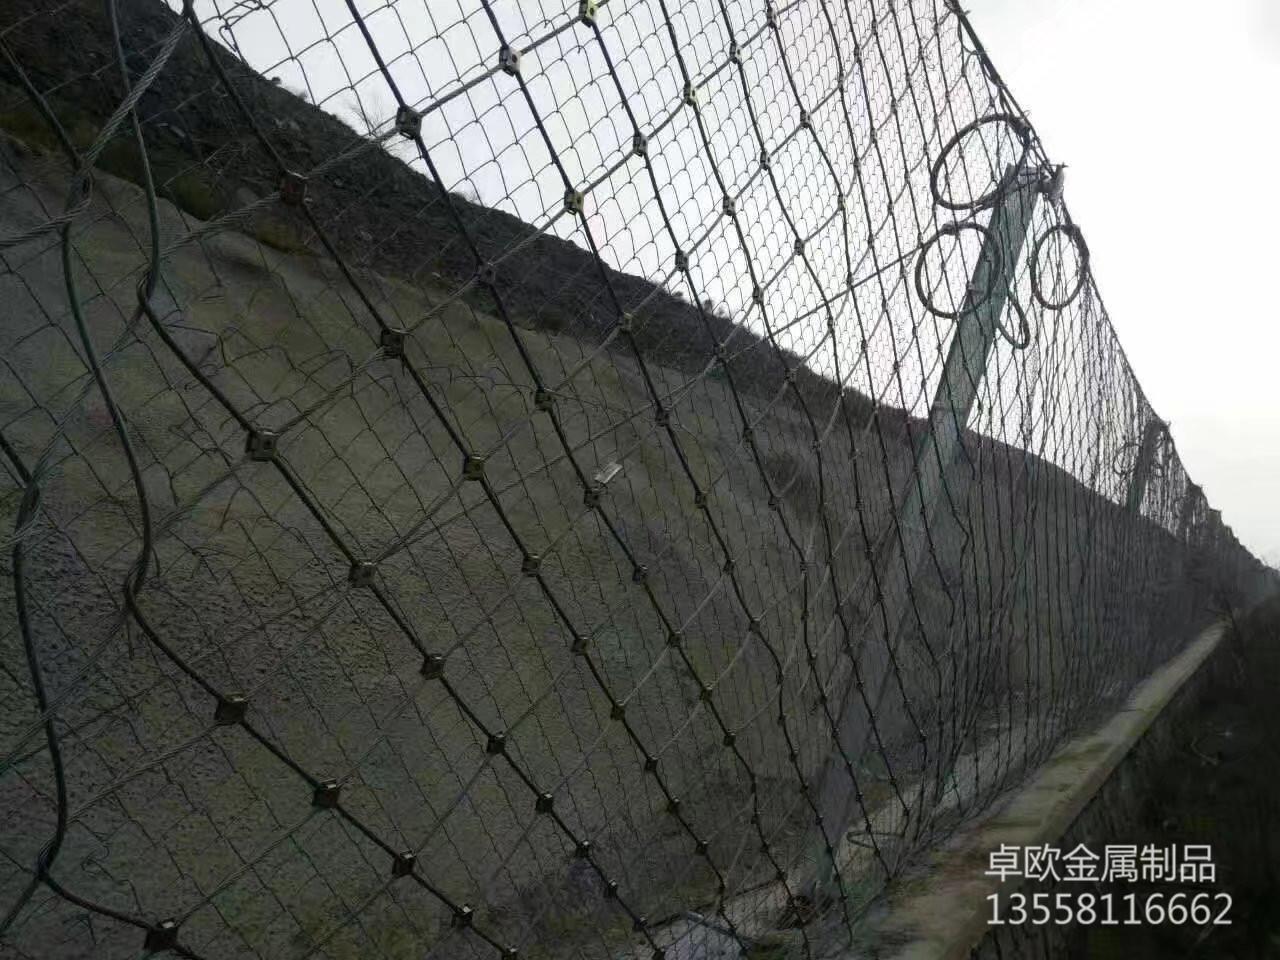 被動防護網|邊坡防護網系列-廣西卓歐金屬制品有限公司